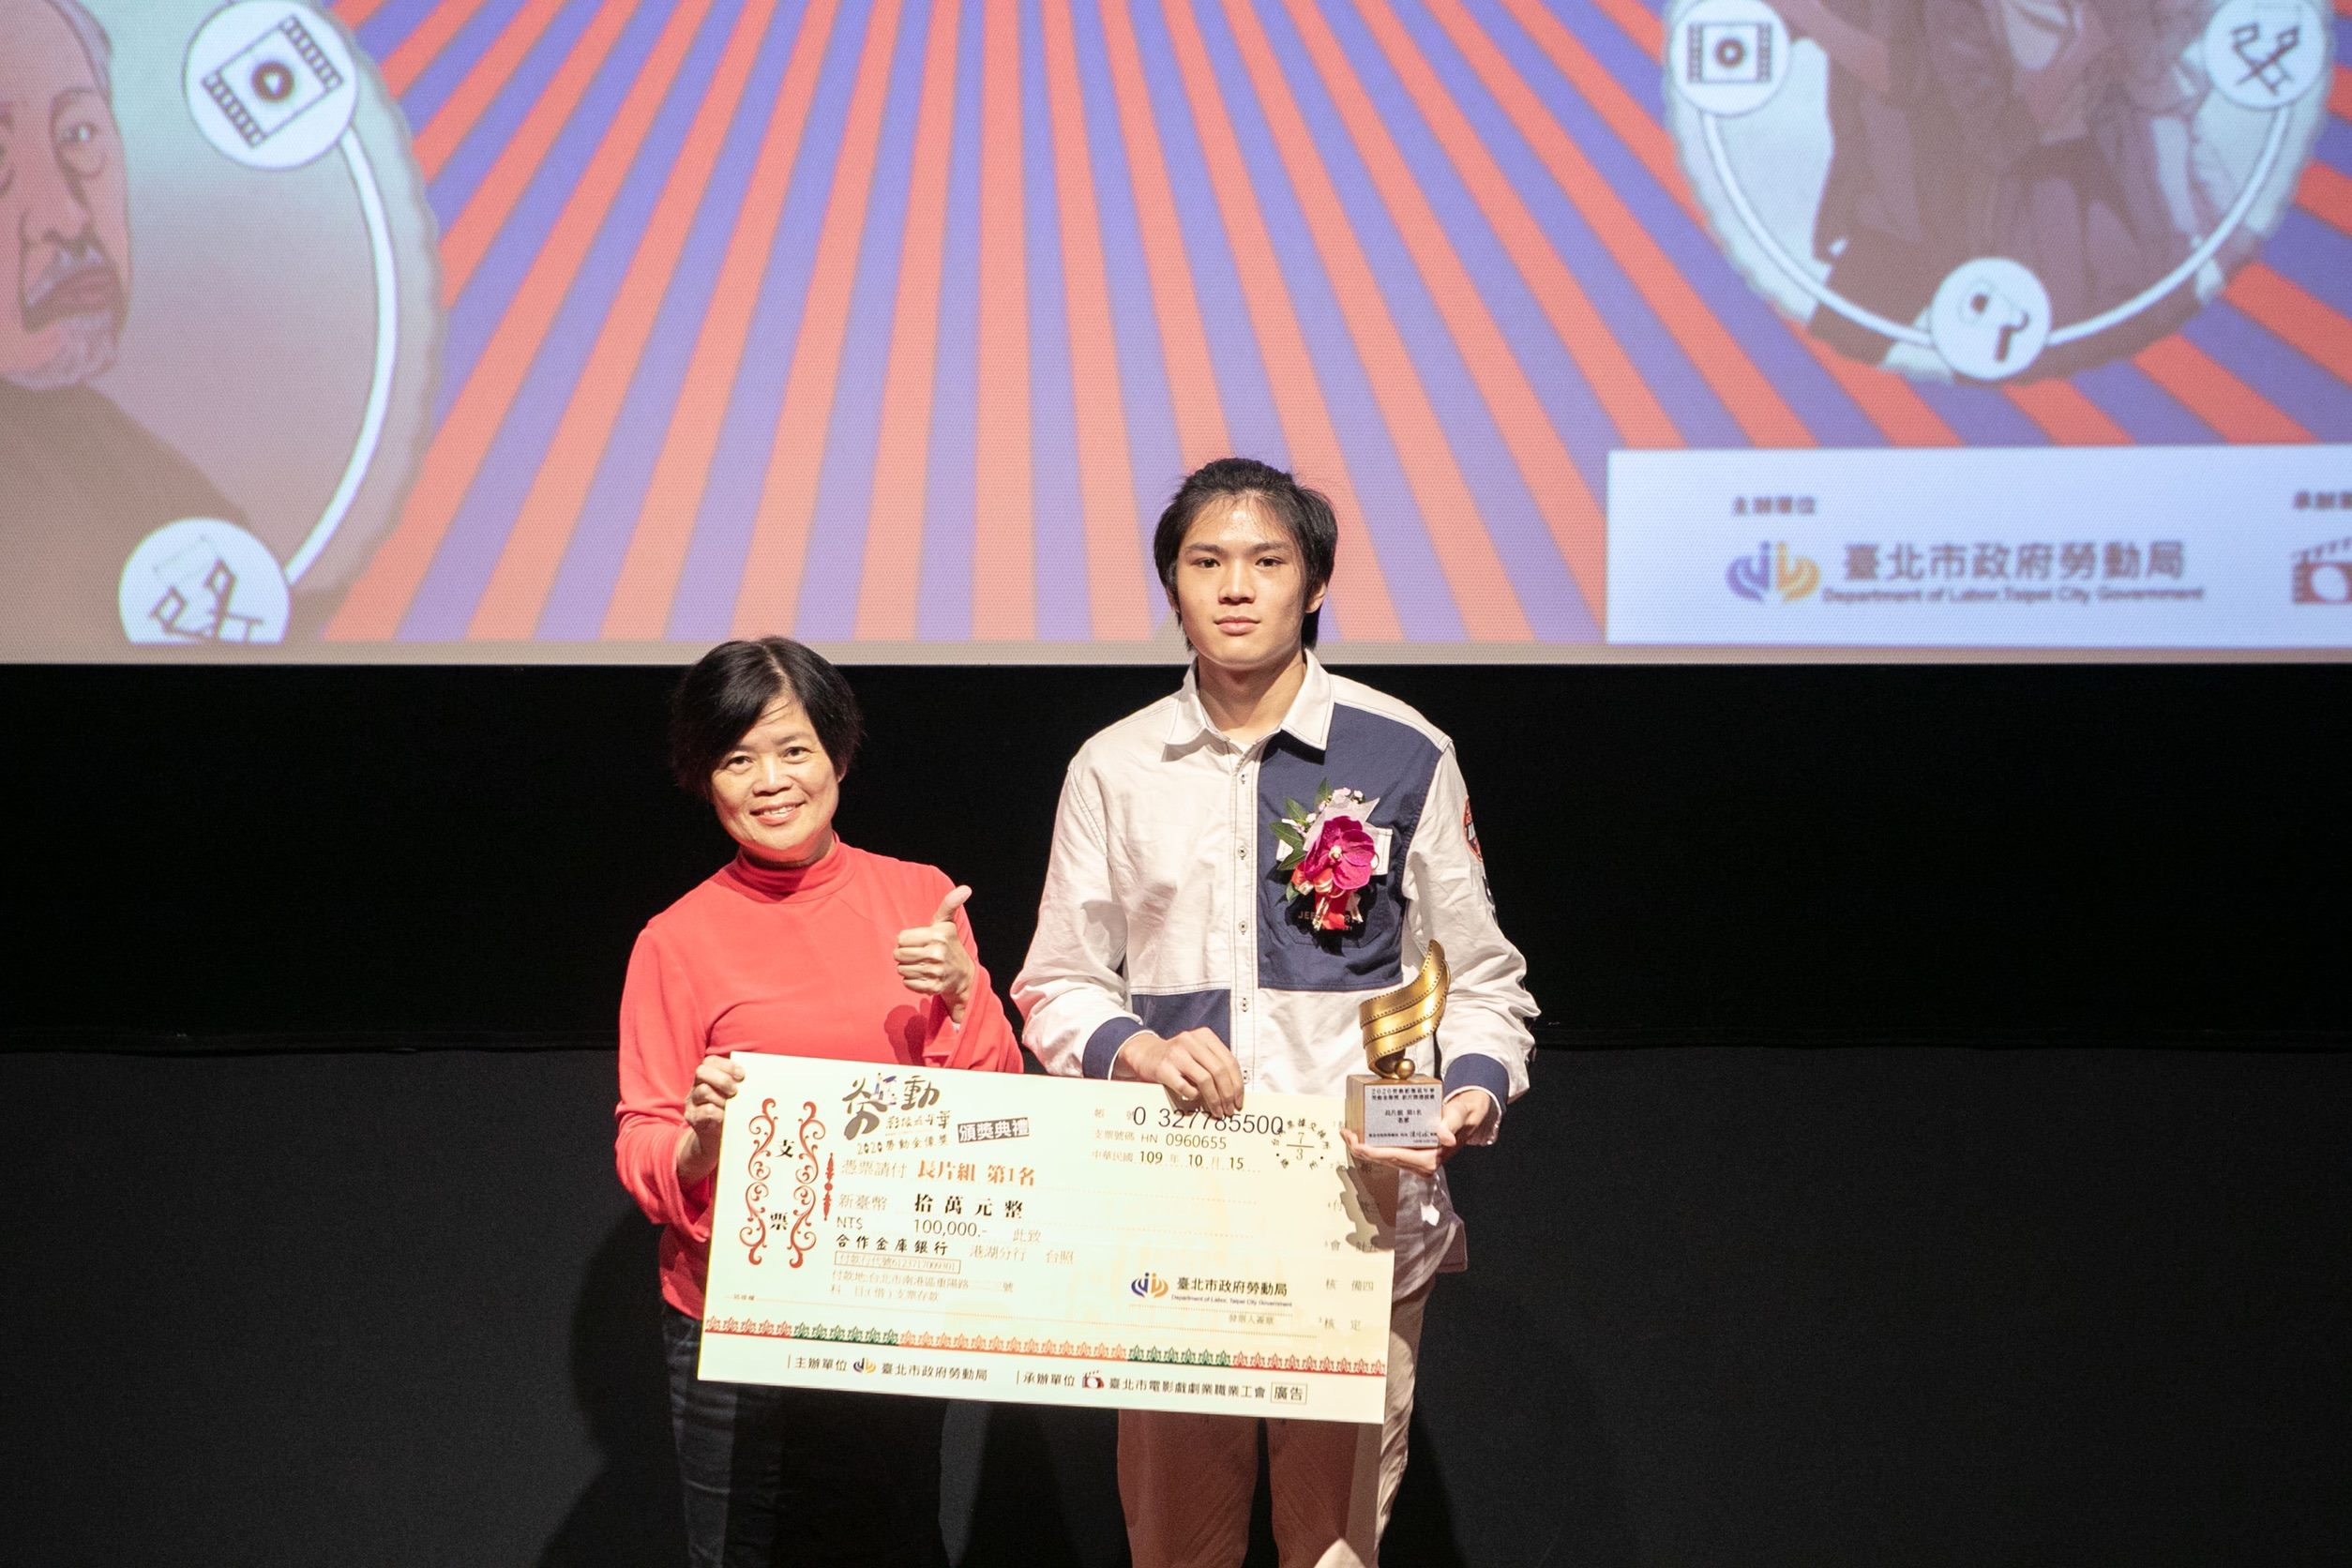 勞動局徐玉雪副局長頒發長片組第1名予曾上祐執導《老爹》